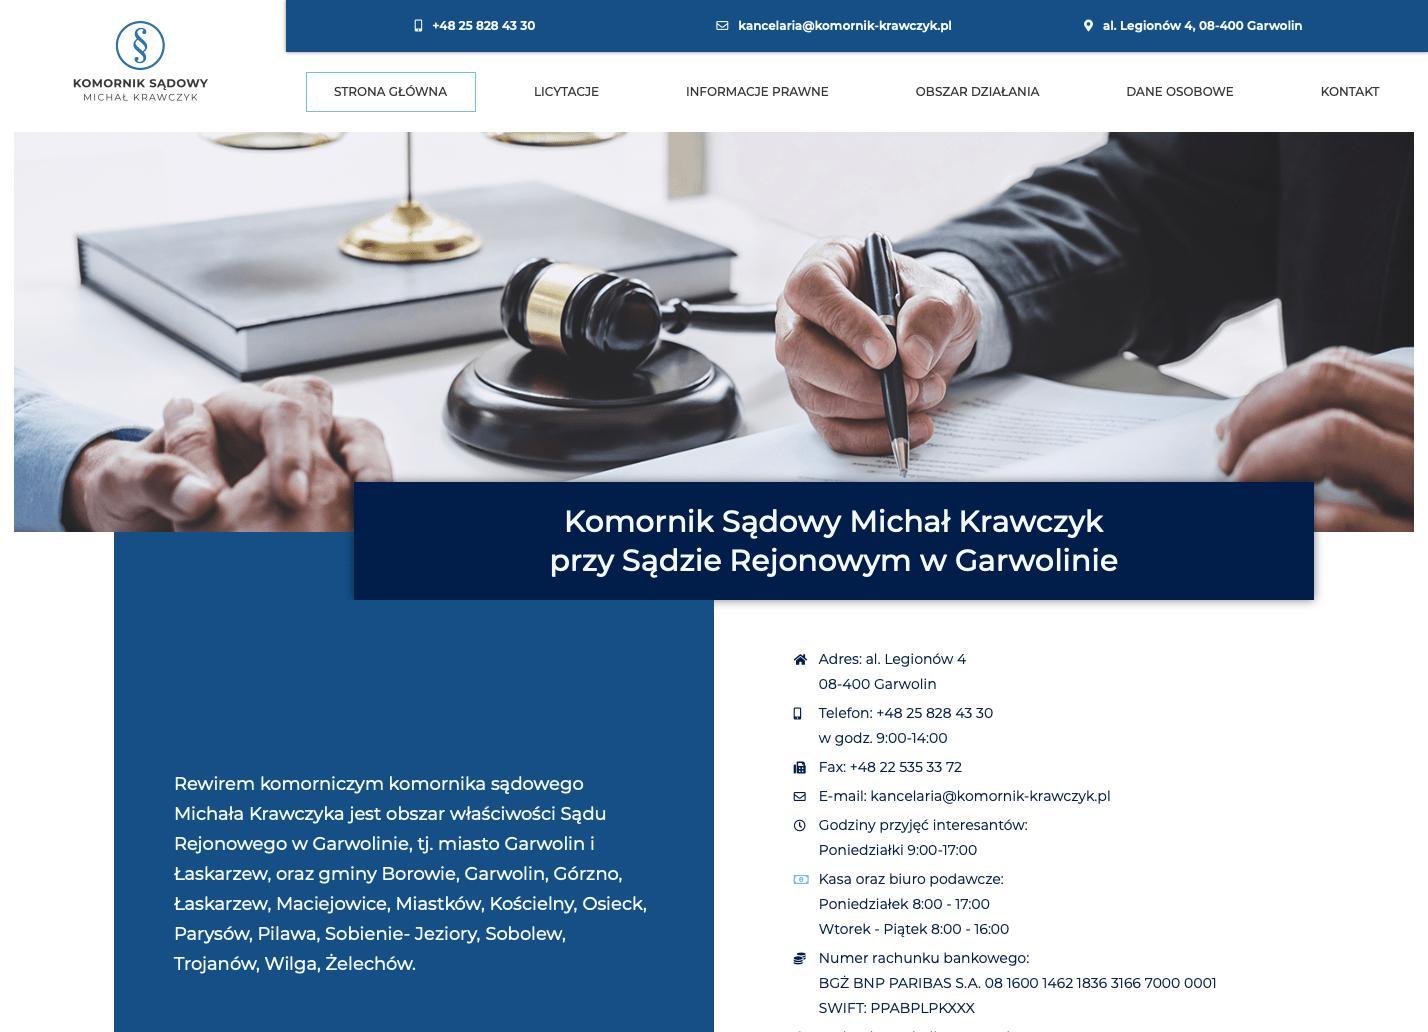 Realizacja strony internetowej - komornik-krawczyk.pl